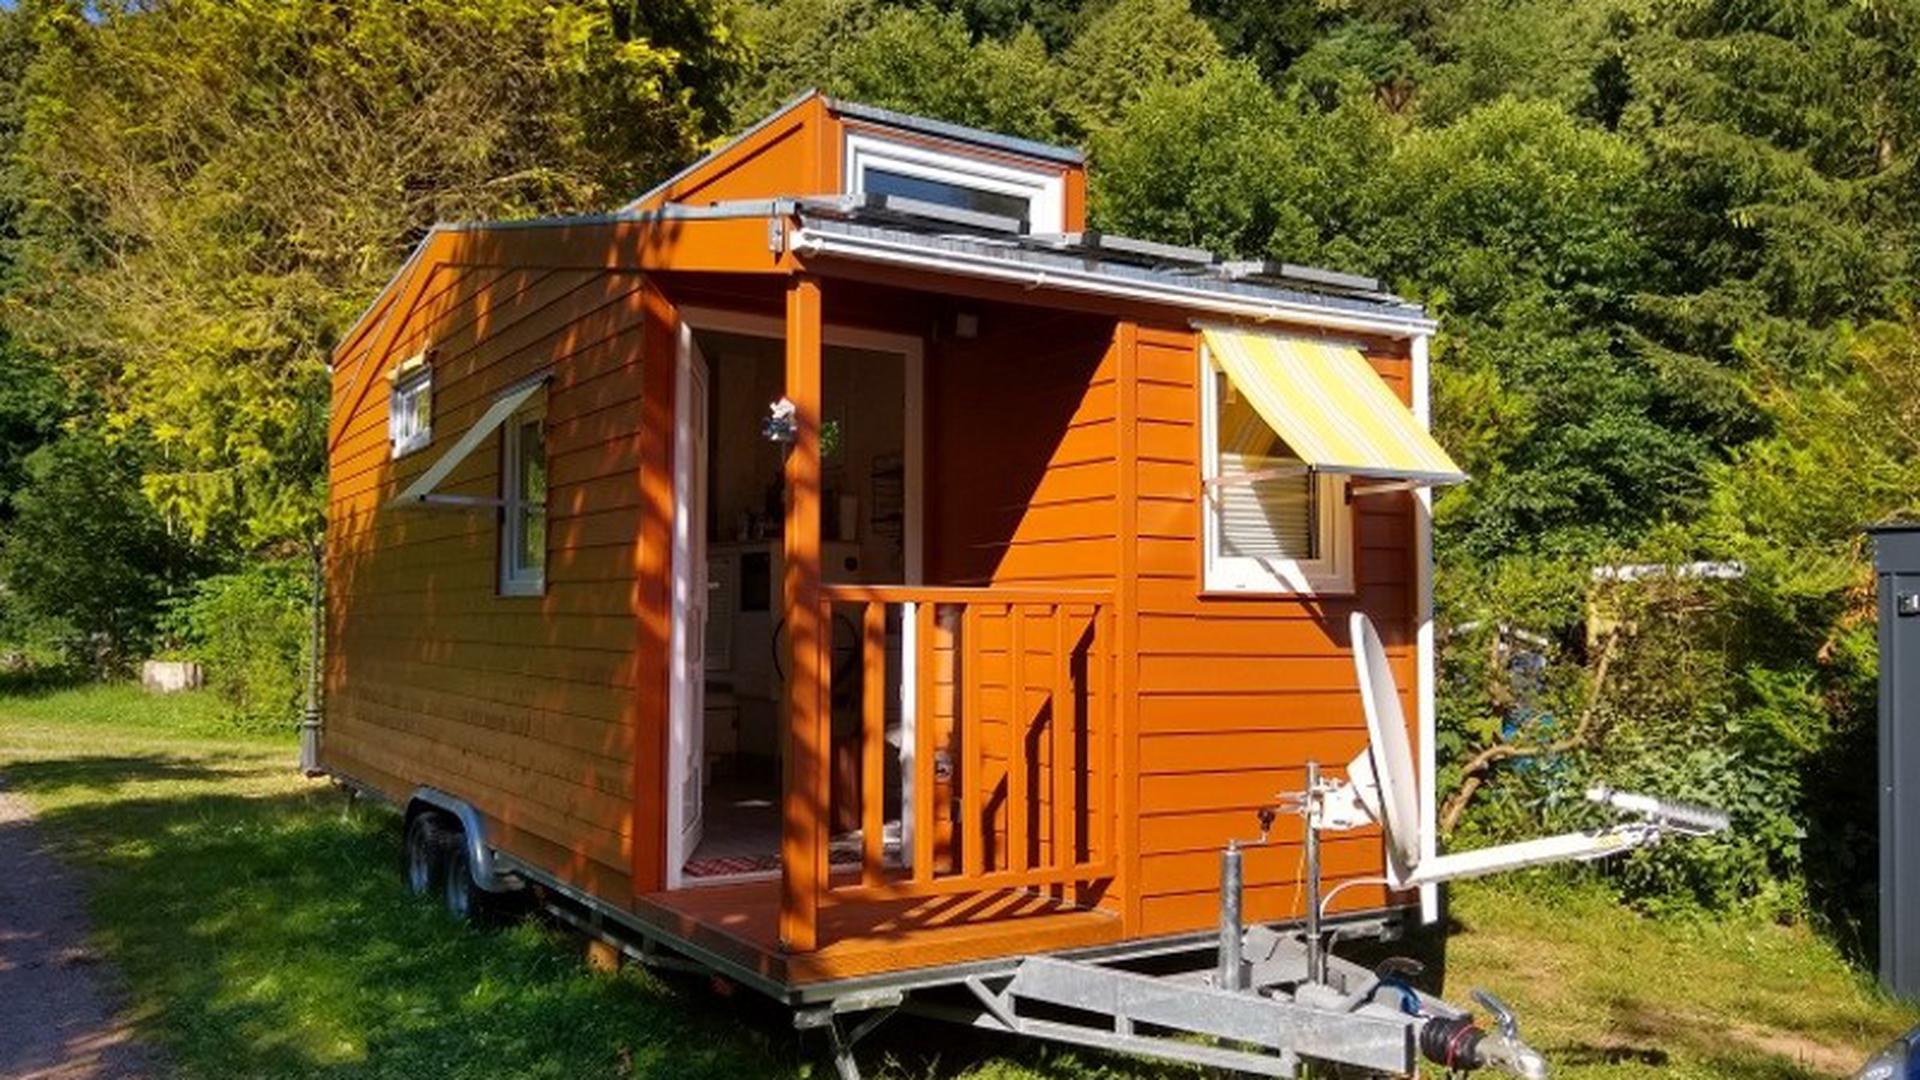 Klein, aber mein – viele Tiny-House-Besitzer wollen gerne auf ganz kleinem Raum, dafür aber flexibel und naturnah wohnen. Dieses kleine Eigenheim ist das erste, das auf einem Campingplatz bei Ettlingen dauerhaft zum Stehen kommen soll.